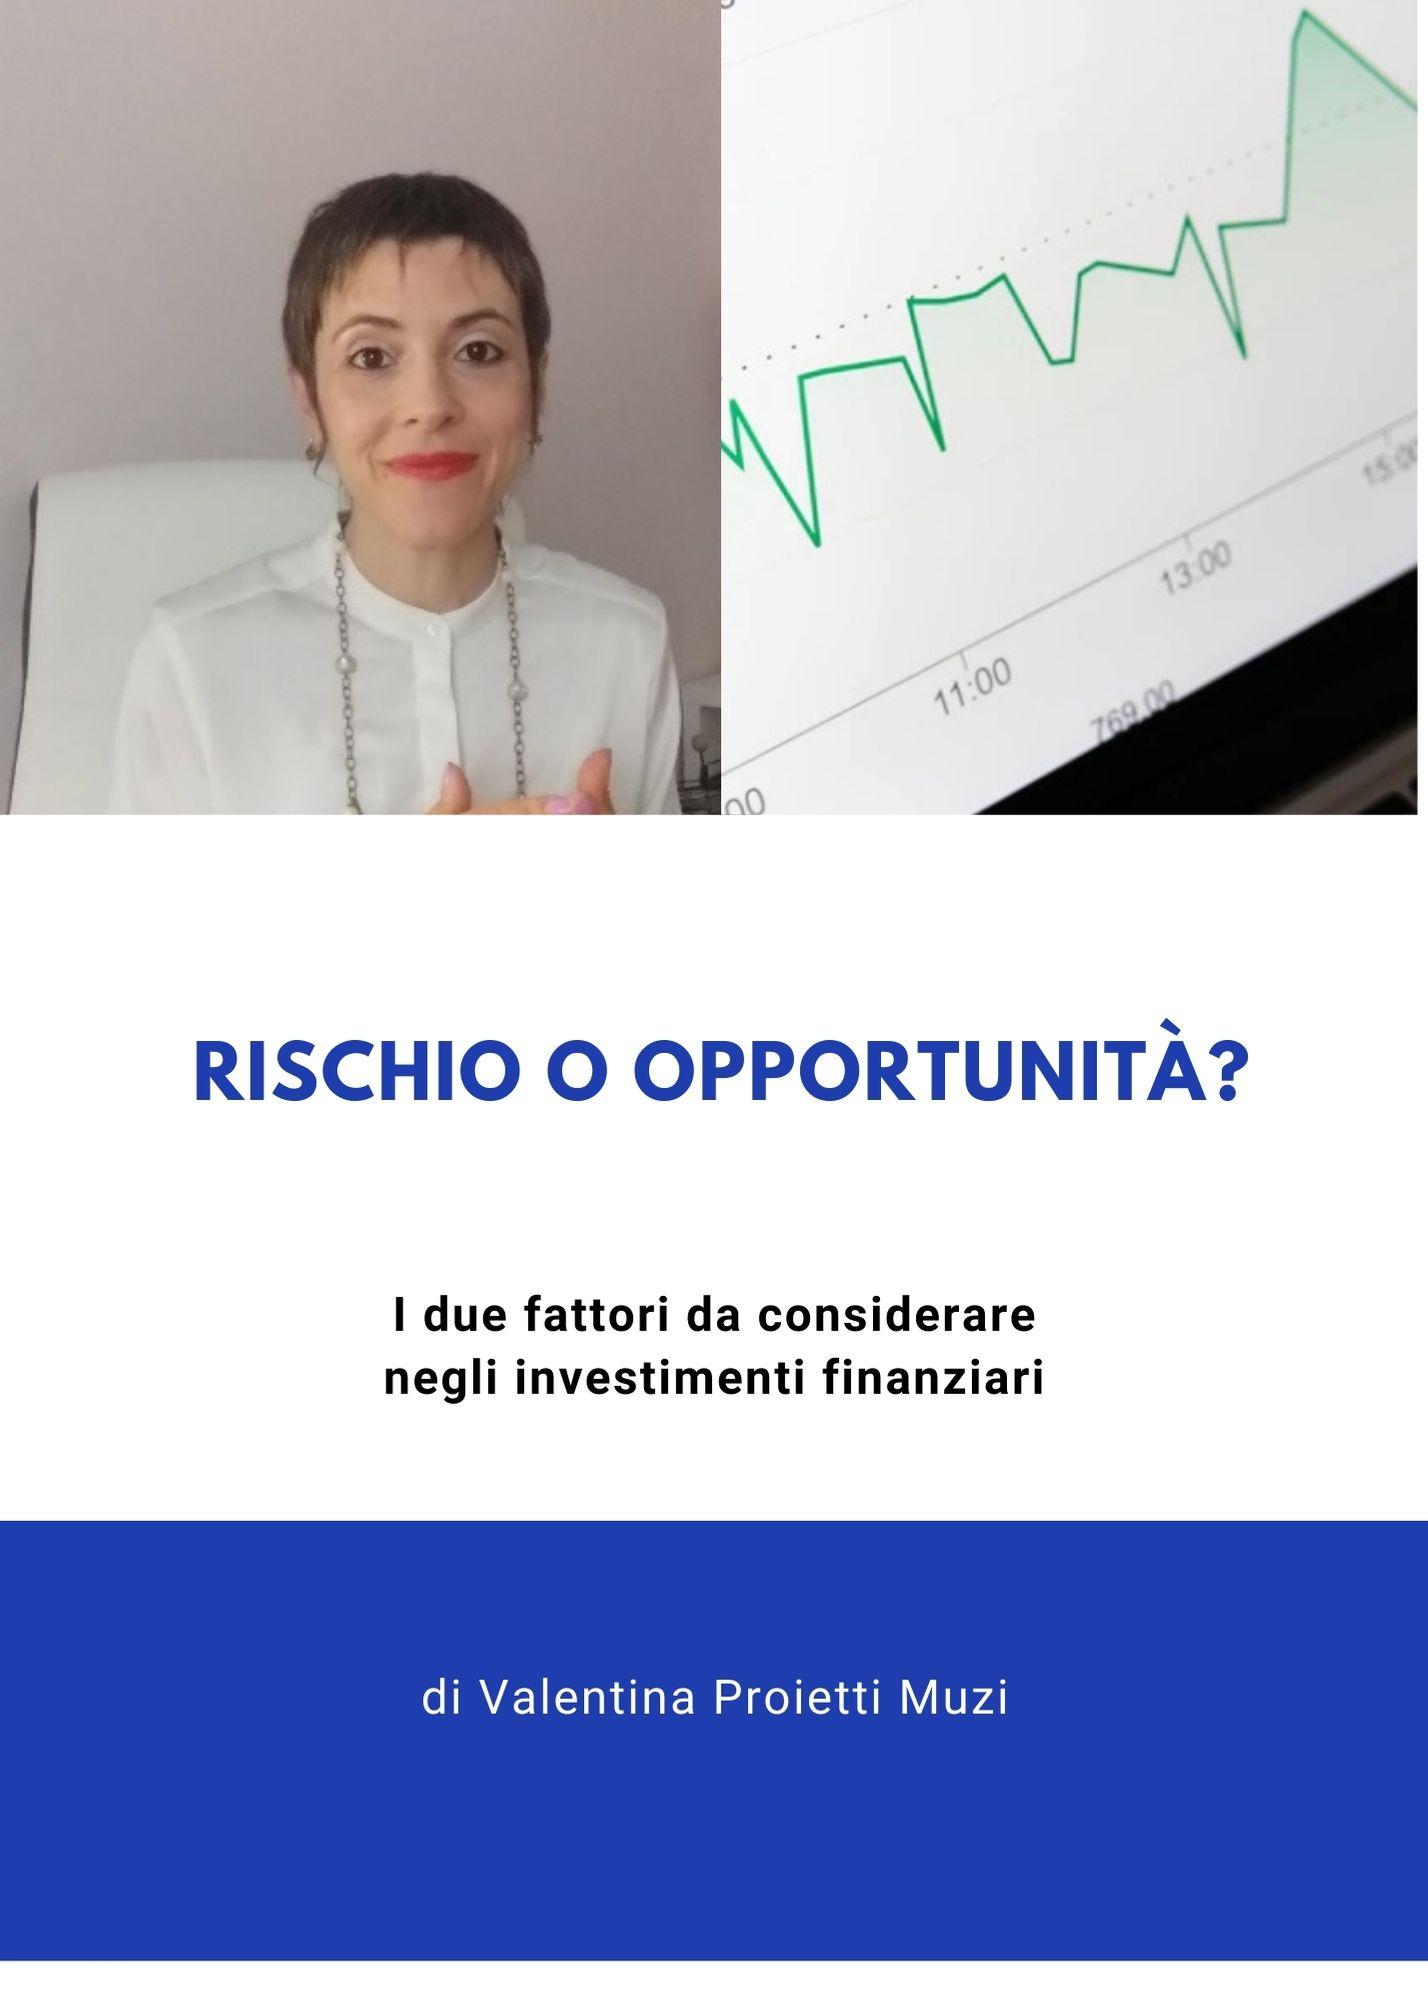 Rischio o opportunità. I due fattori da considerare negli investimenti finanziaria